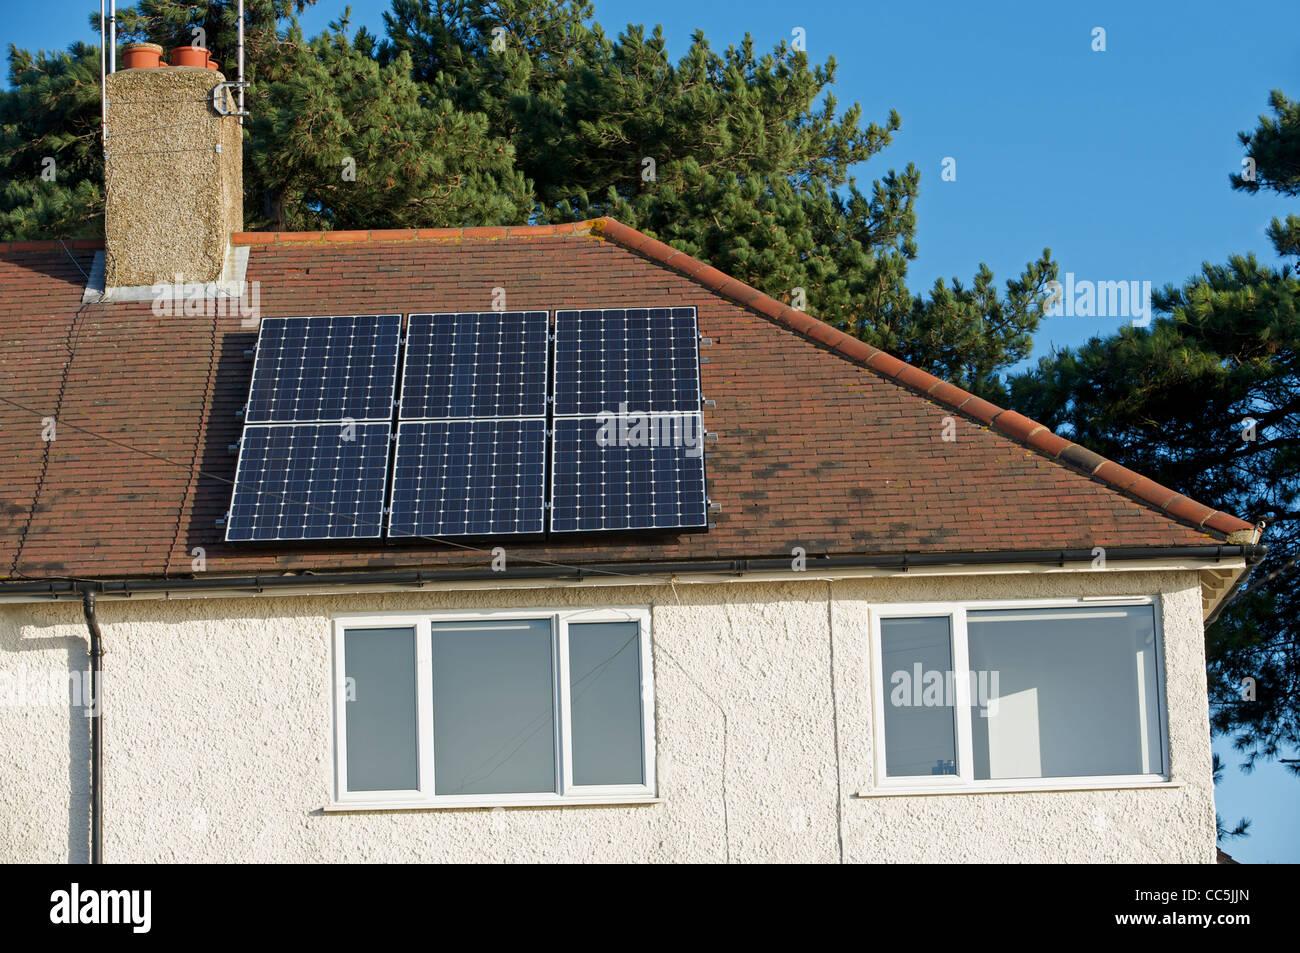 Solar energy house UK - Stock Image